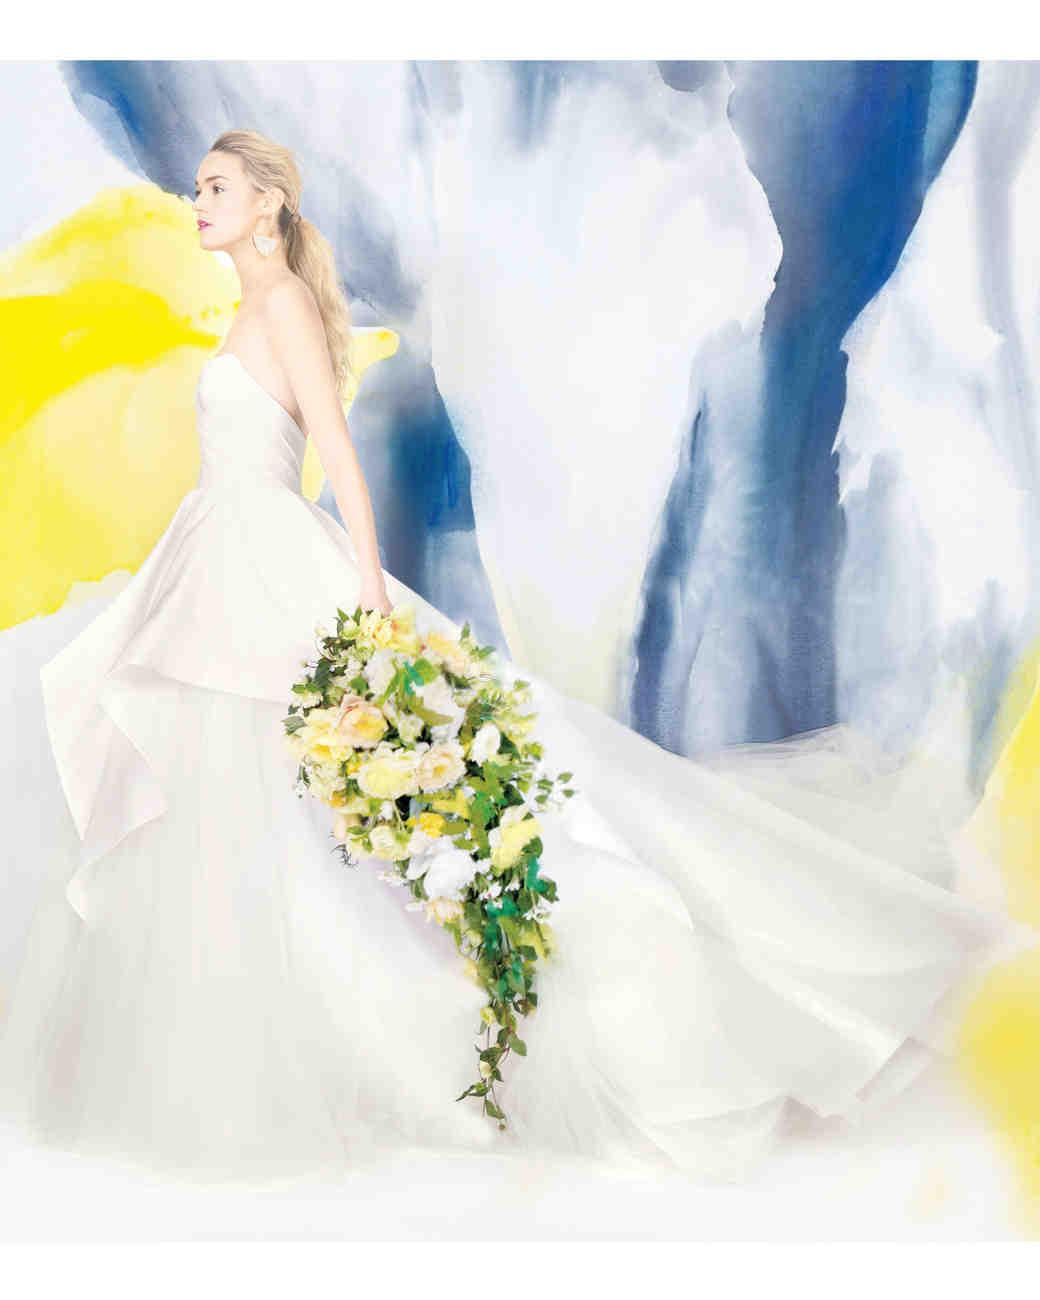 mjim-hjelm-dress-100-d112700-tulle-taffeta-ball-gown.jpg